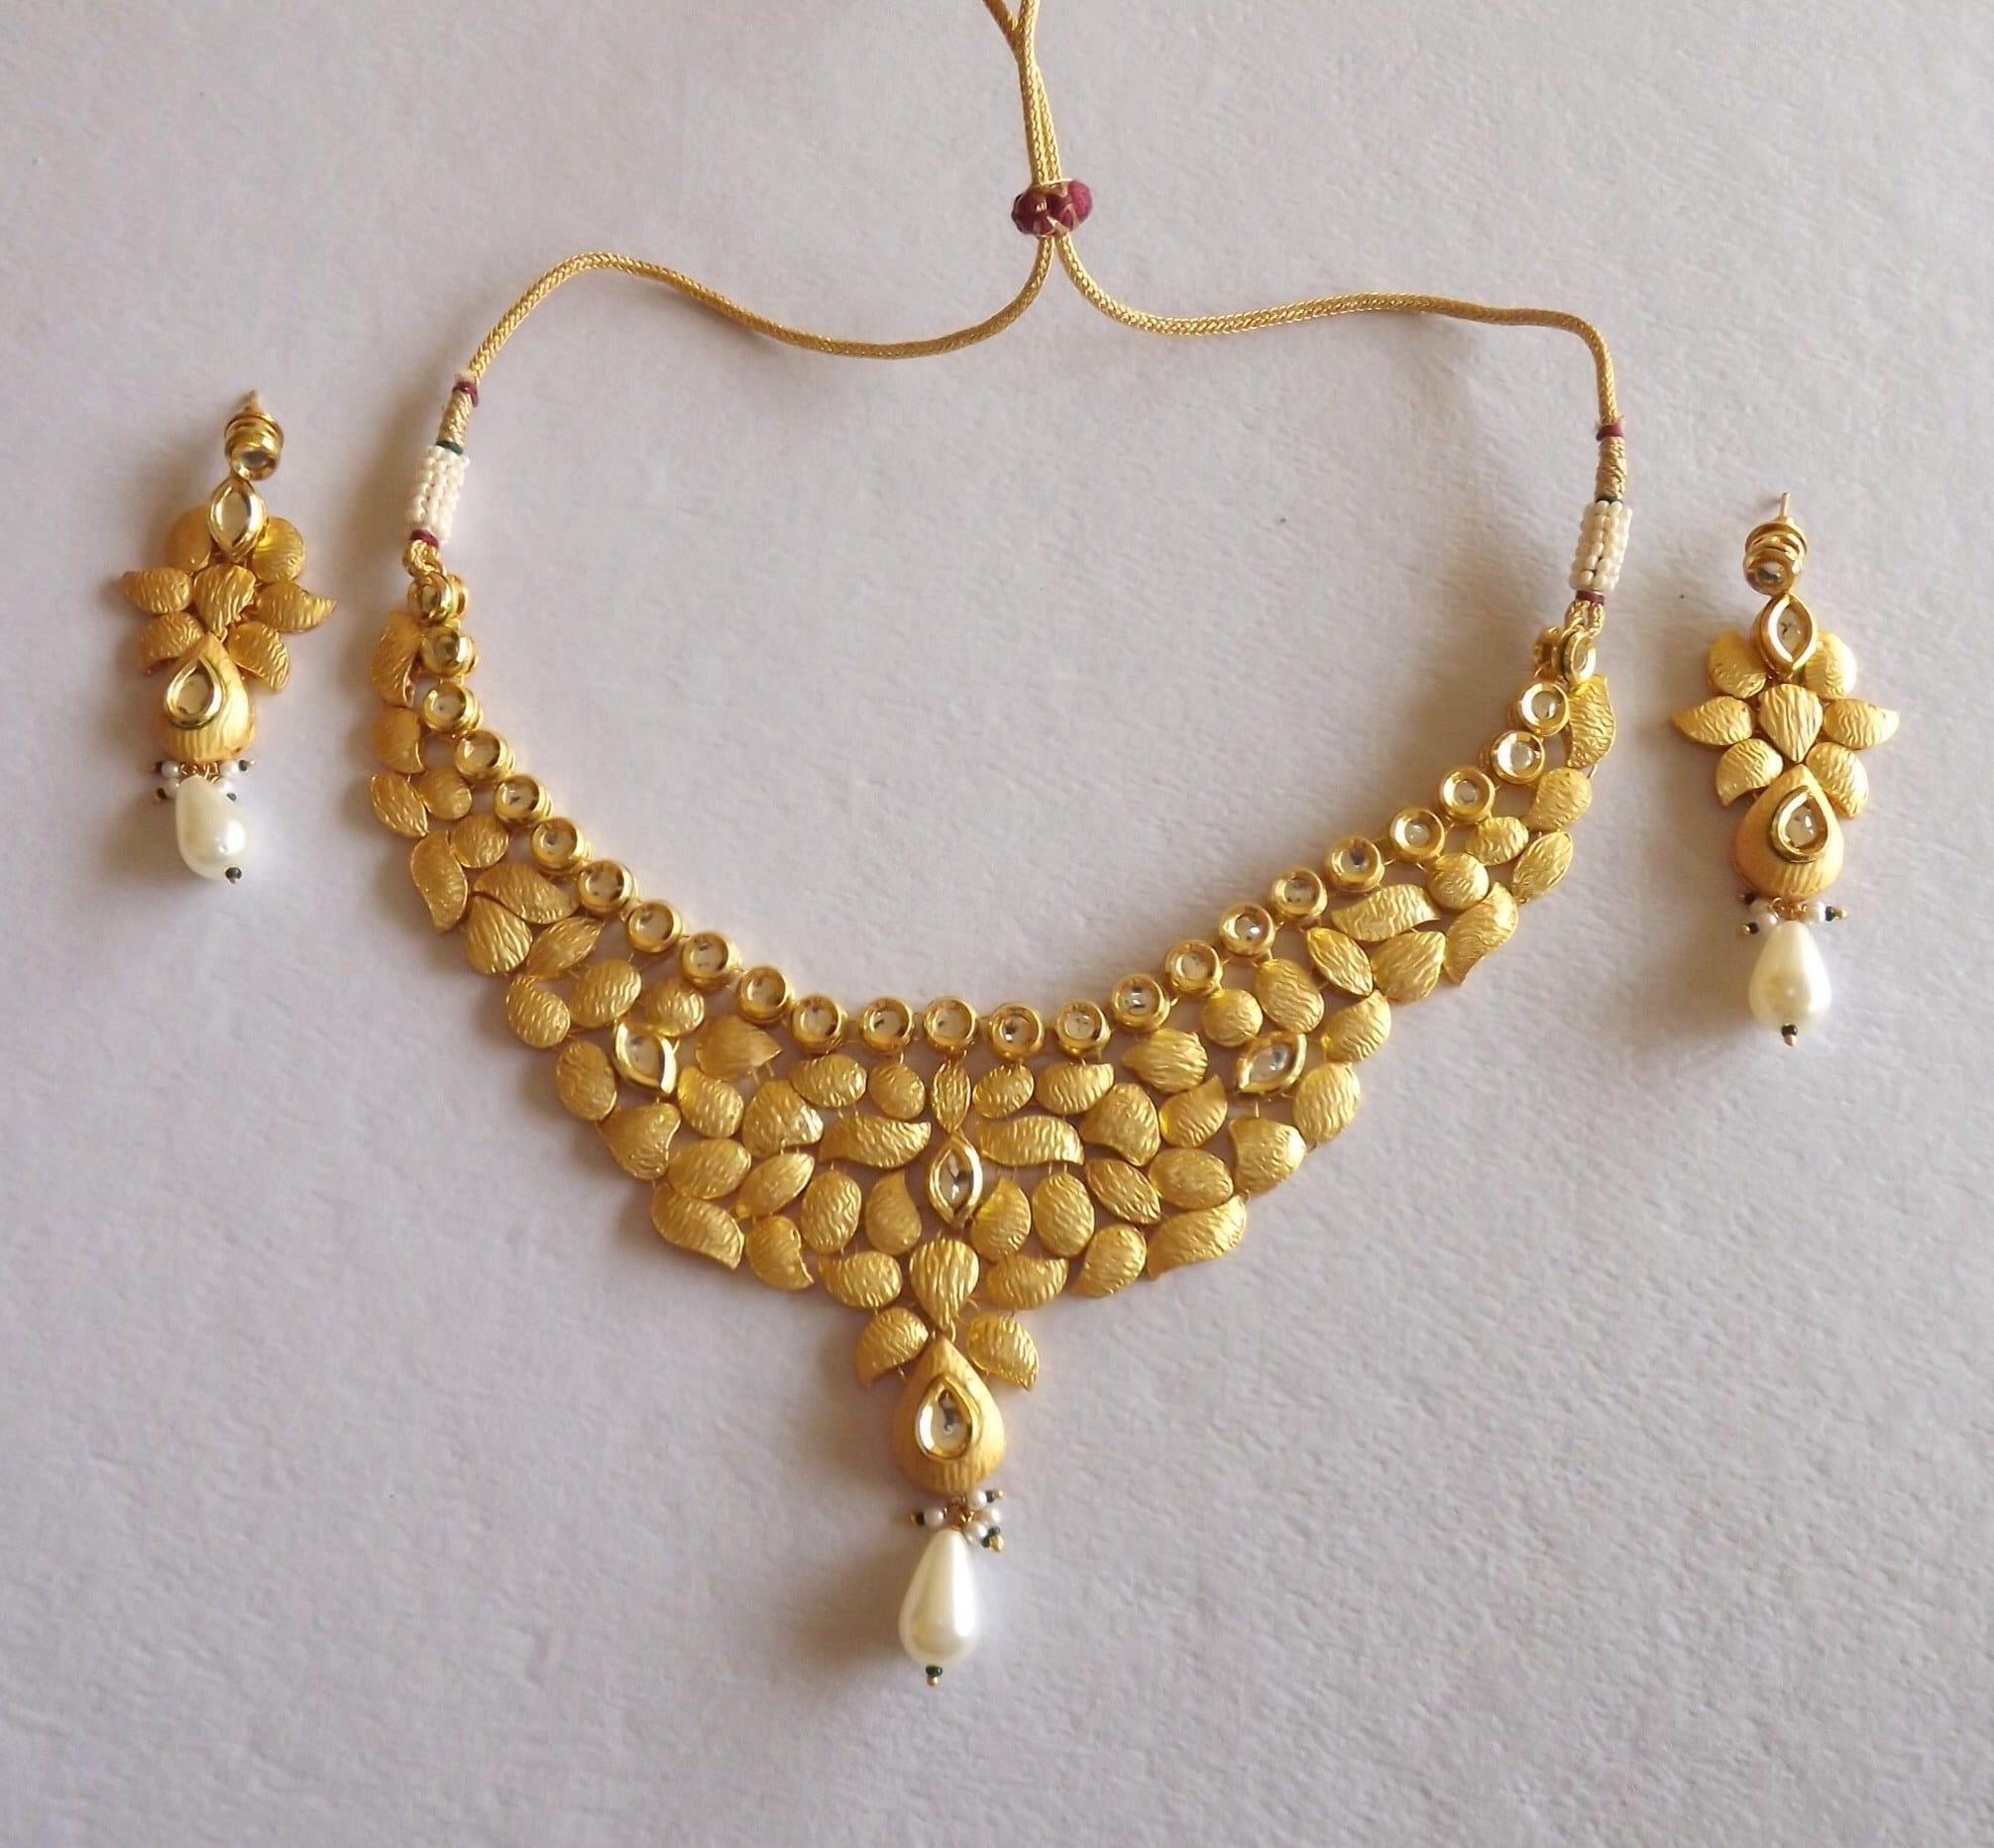 Necklace Design idea